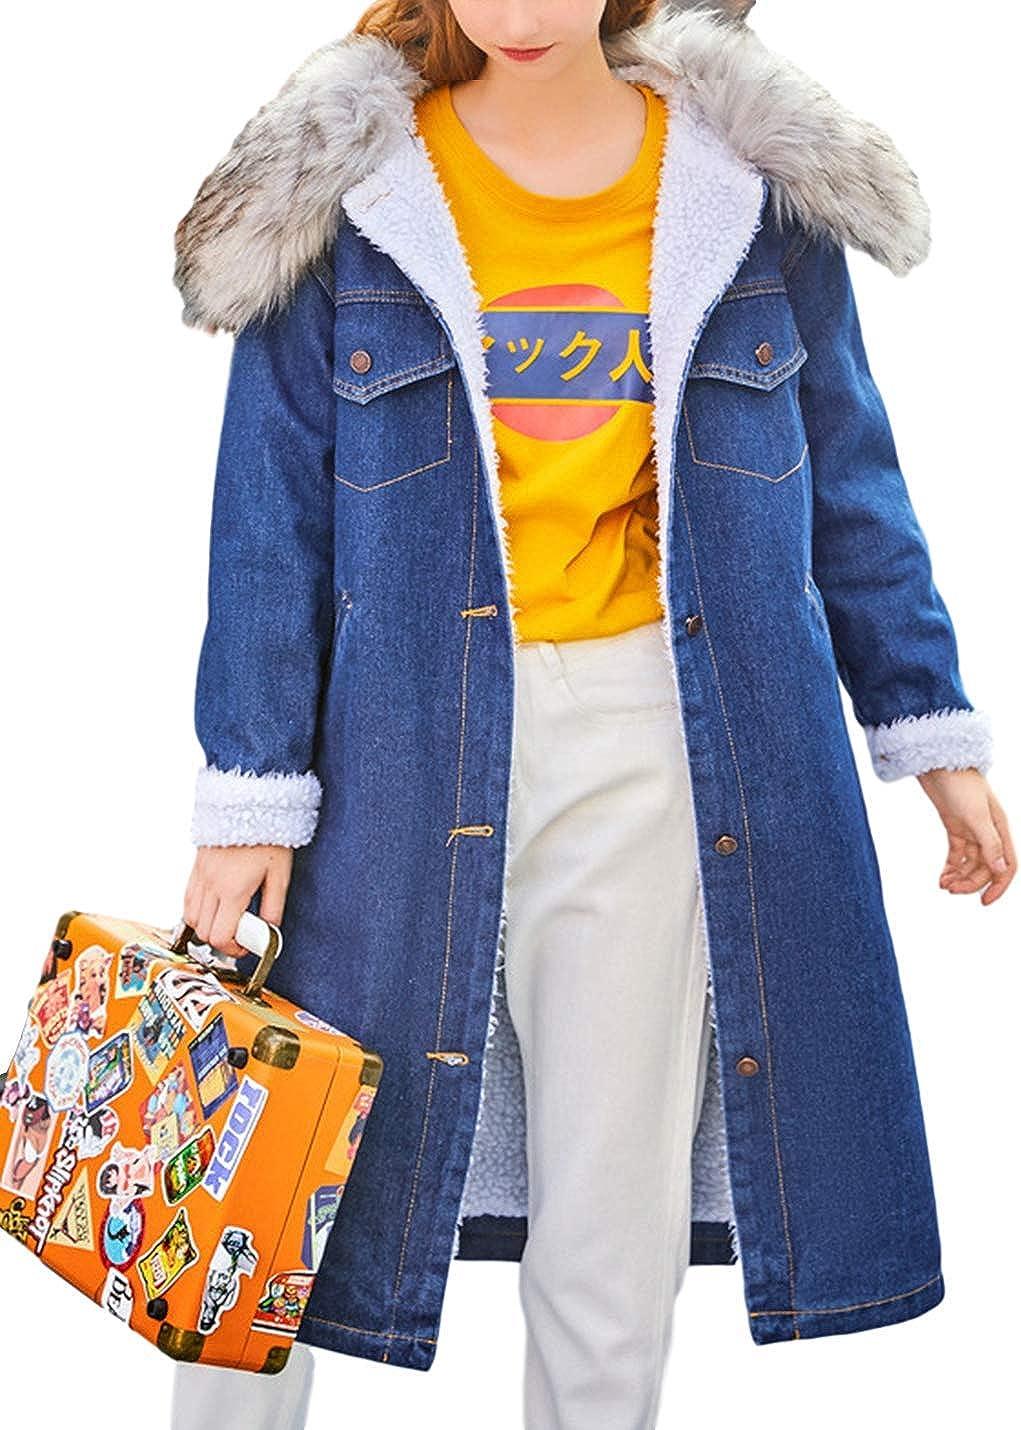 Omoone Women's Button Up Lapel Sherpa Fleece Lined Midi Long Denim Oversized Overcoat